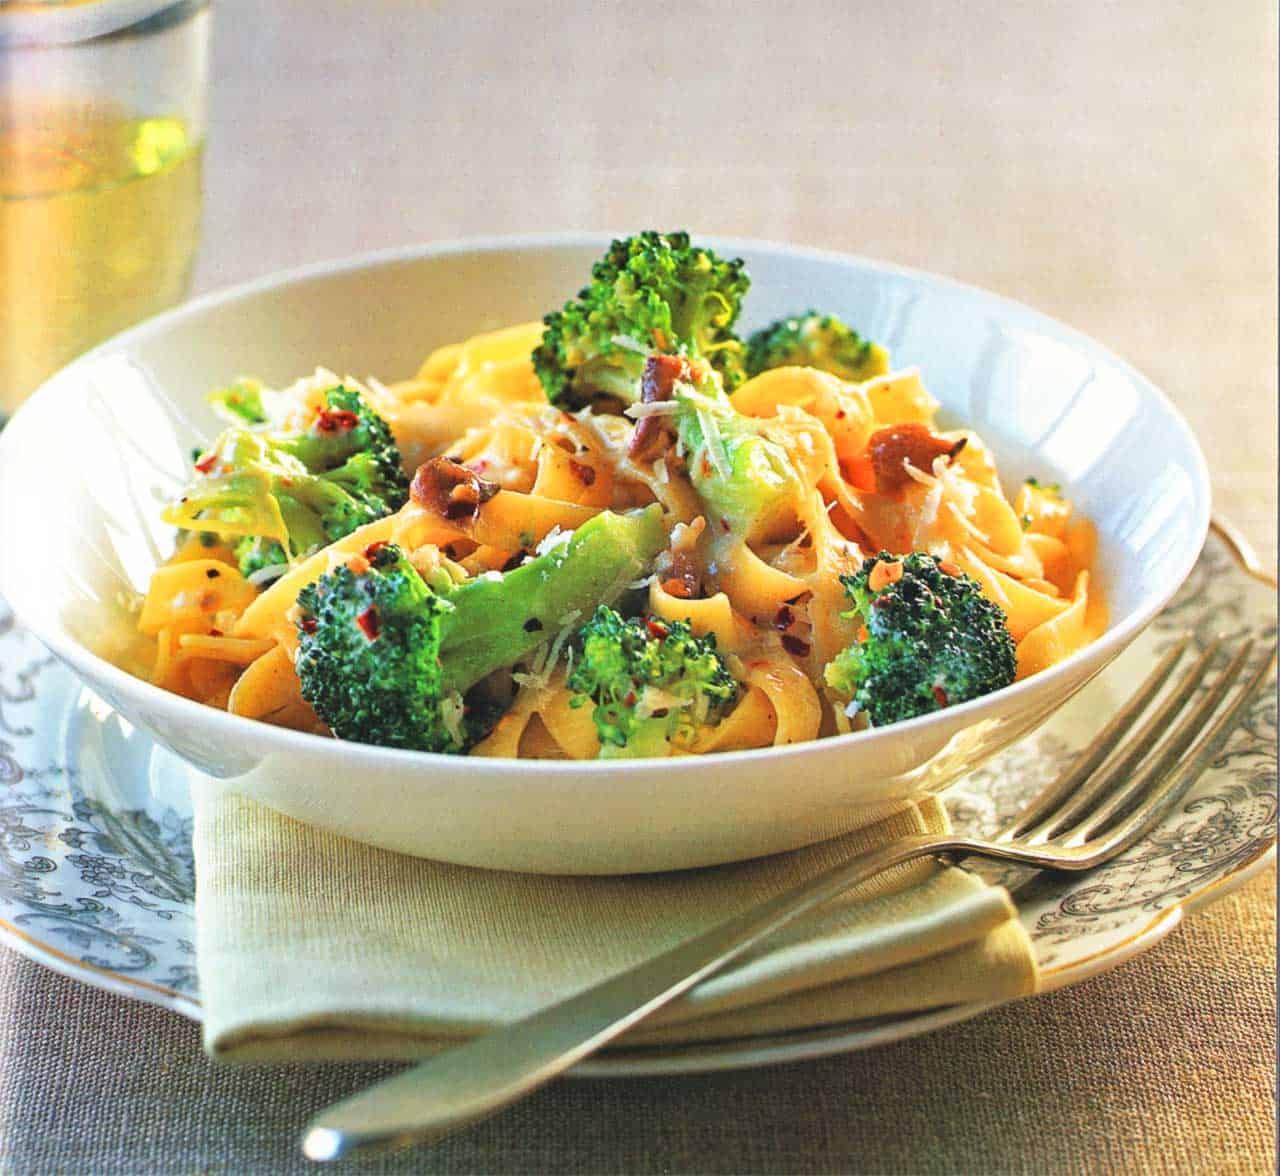 Tagliatelle With Broccoli, Anchovies, Parmesan And Creme Fraiche www.eatopic.com